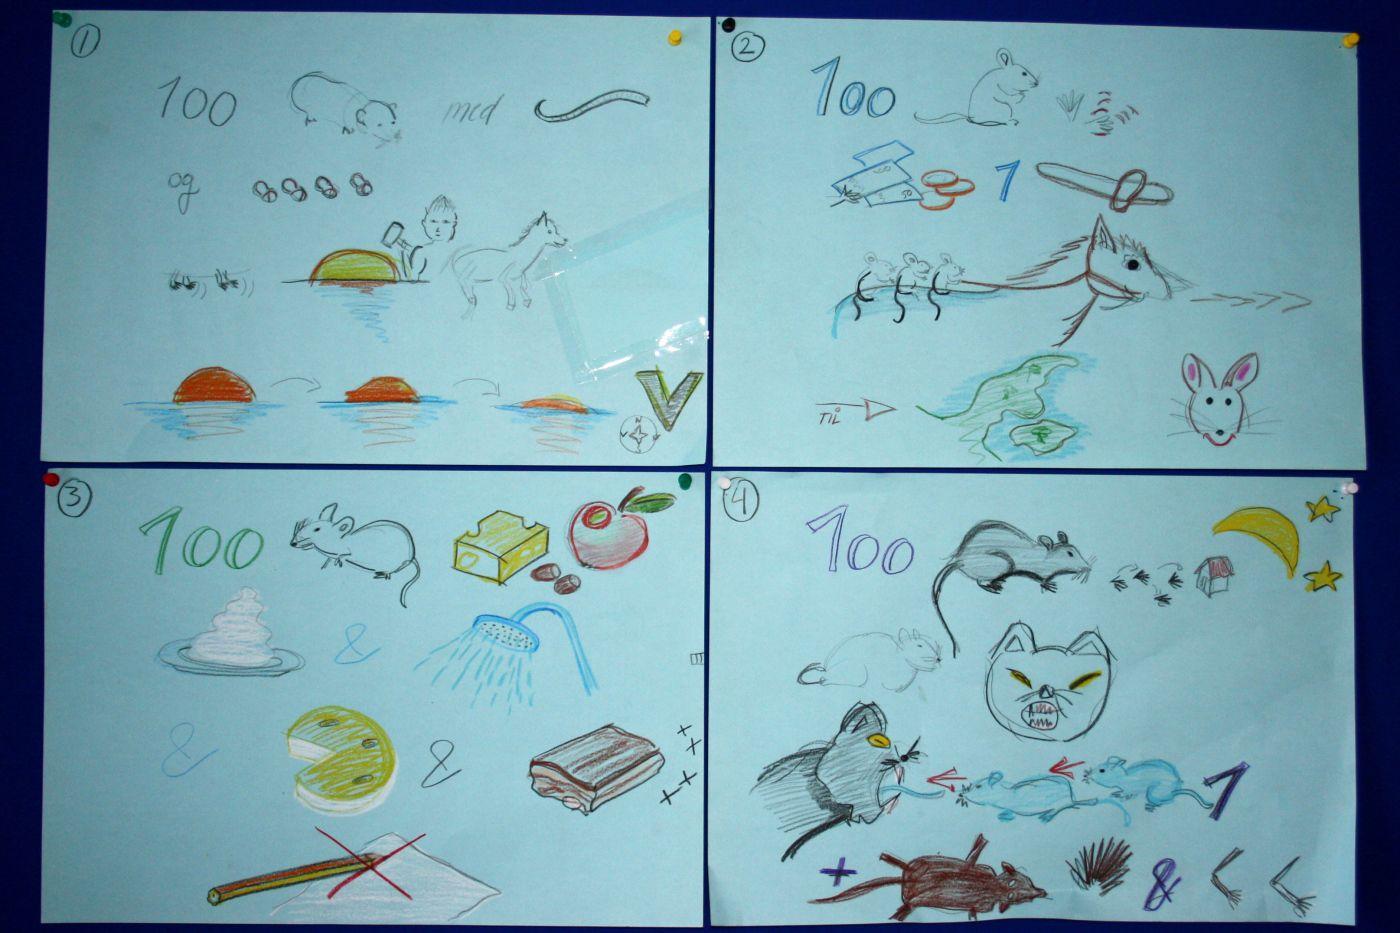 Hvis børnene ikke kan læse, er det en sjov idé at illustrere teksten, så de kan følge med i en ny sang.